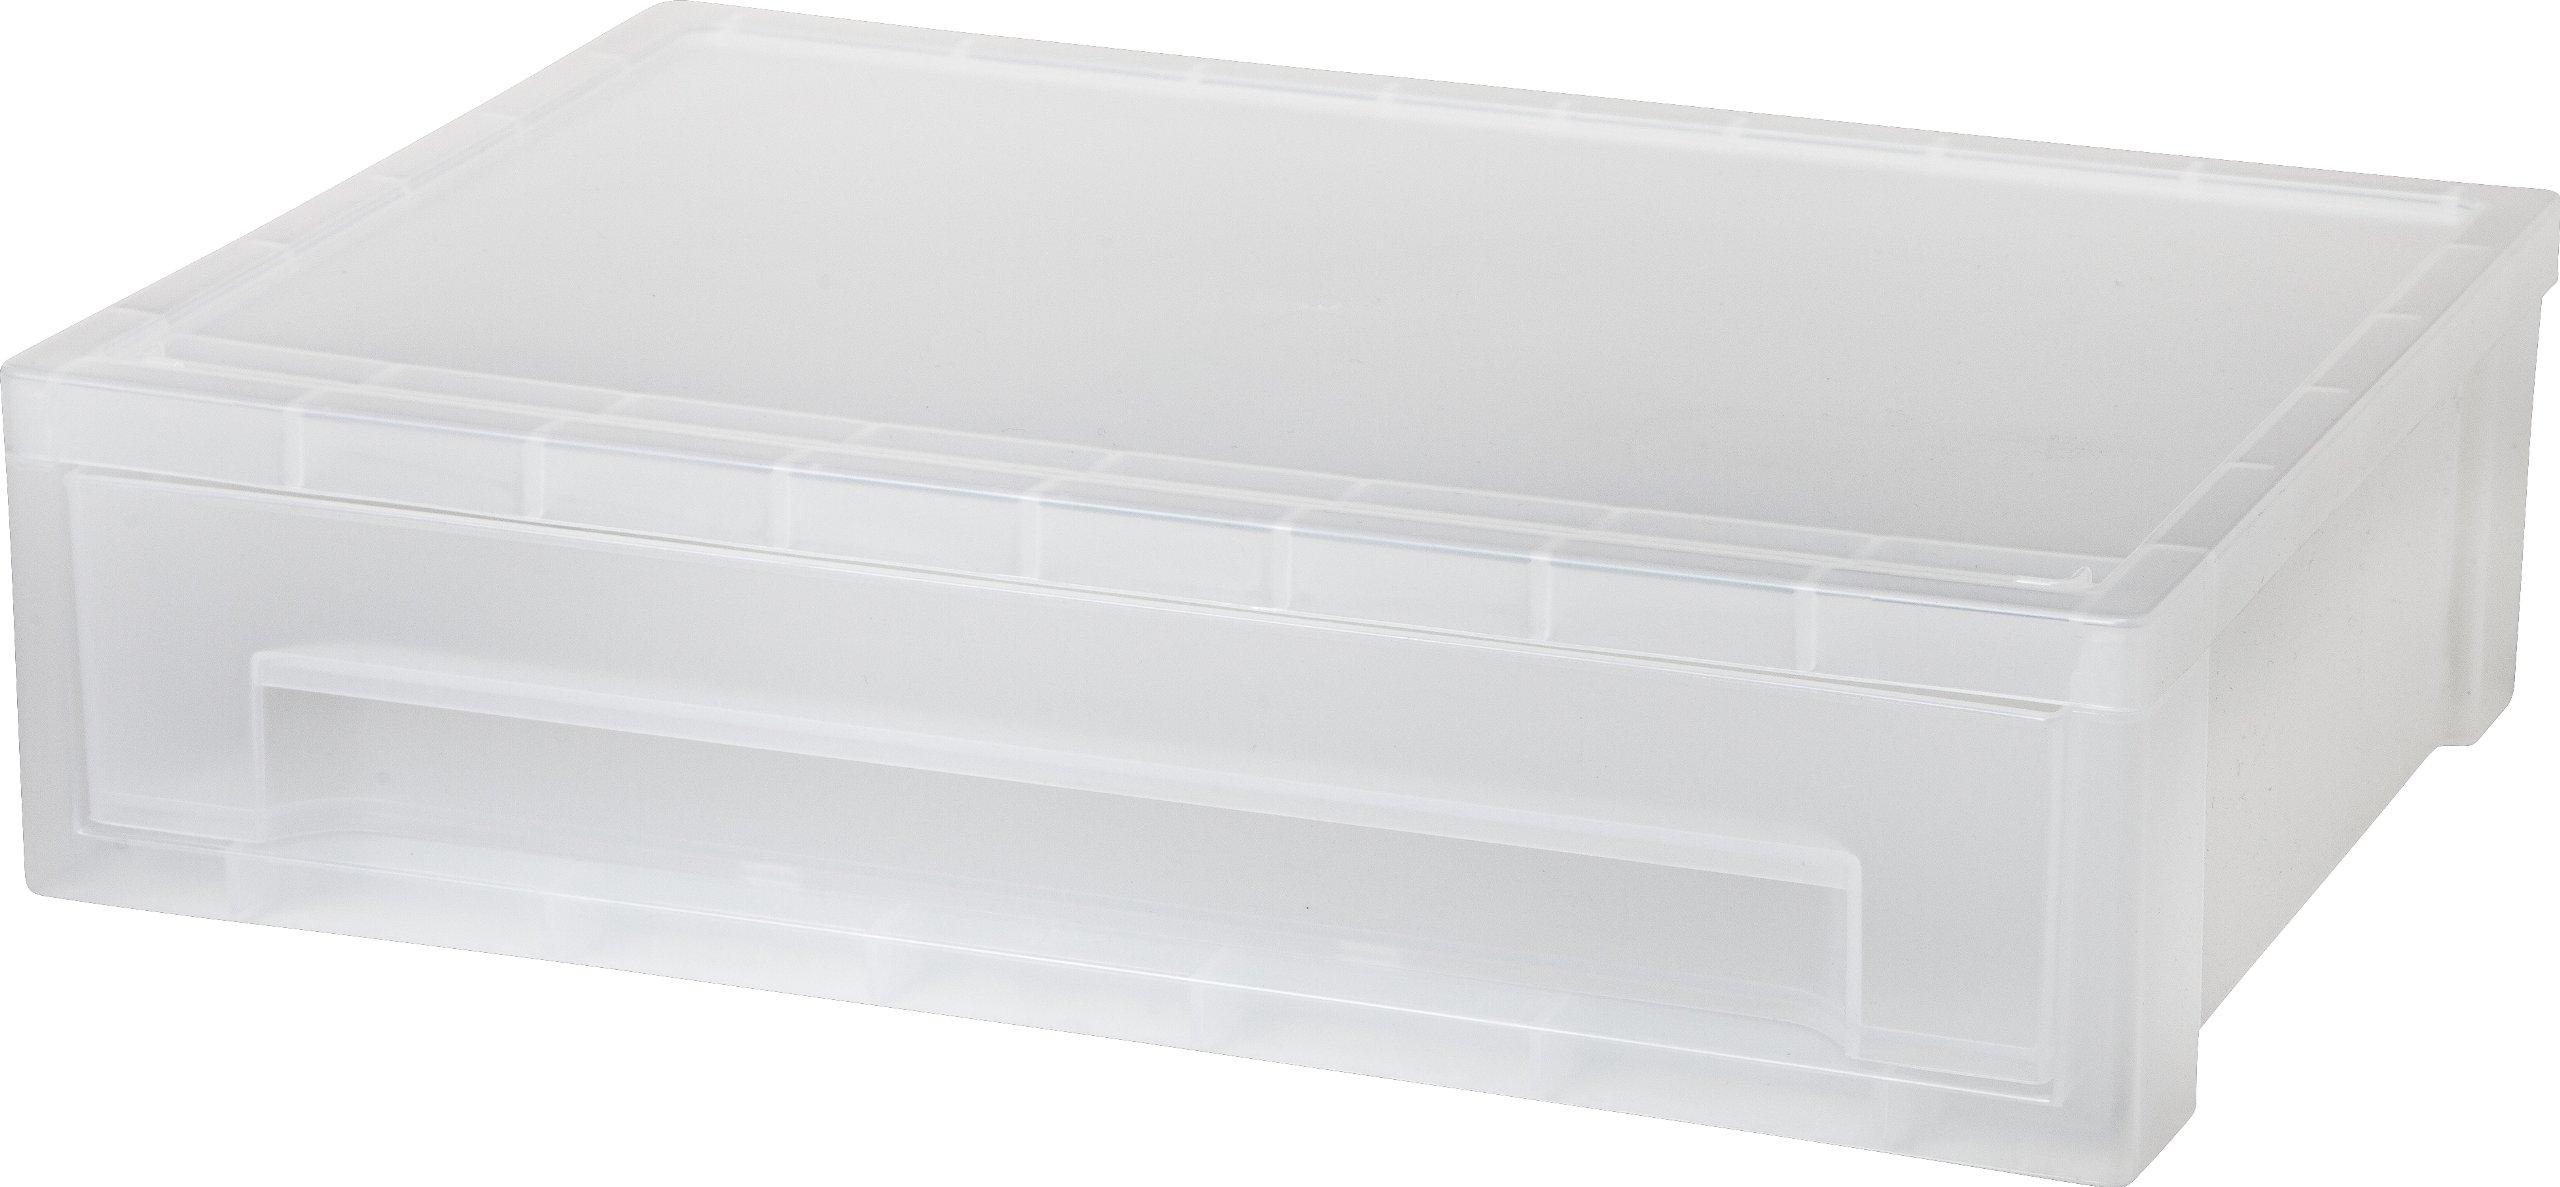 IRIS Large Desktop Stacking Drawer, 6 Pack